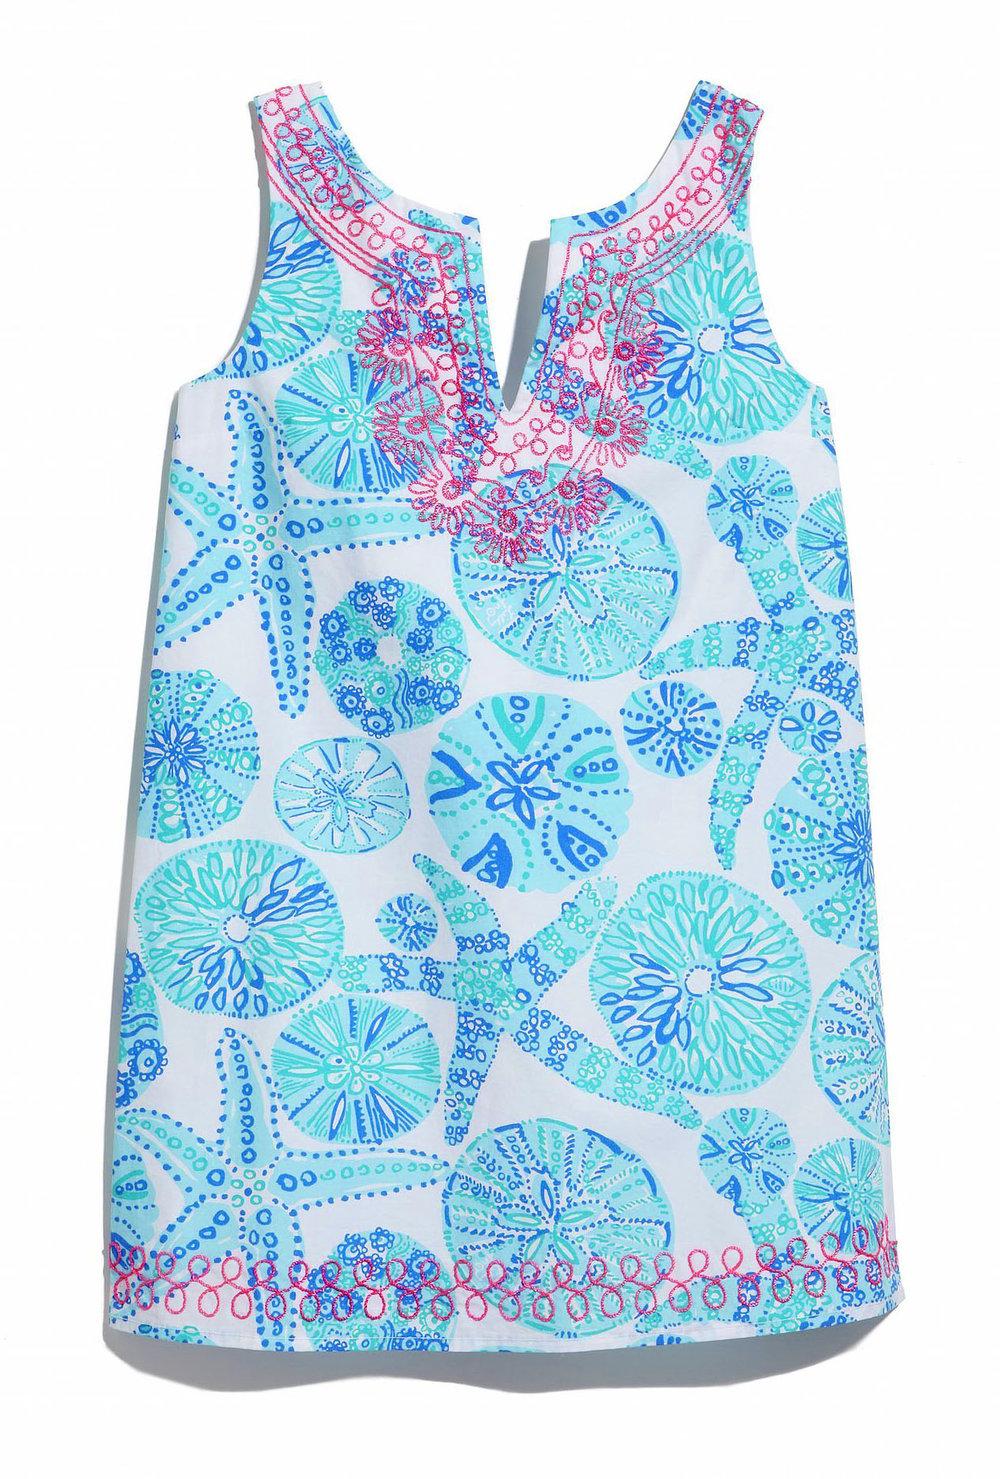 TARGETxLILLY GIRLS SHIFT DRESS